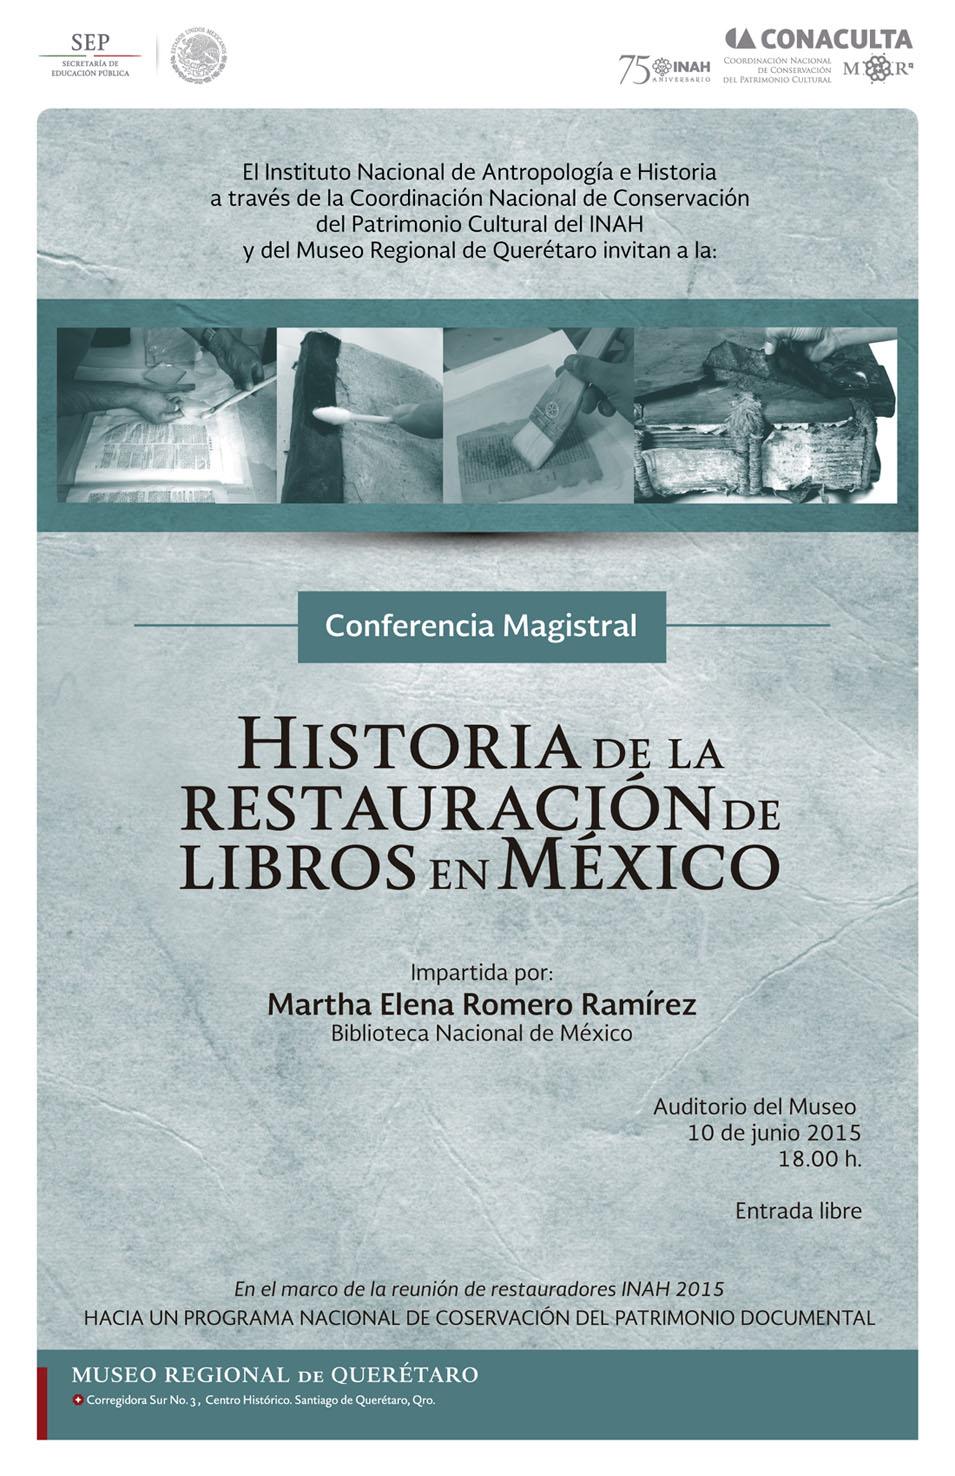 Conferencia Magistral: Historia de la Restauración de Libros en México